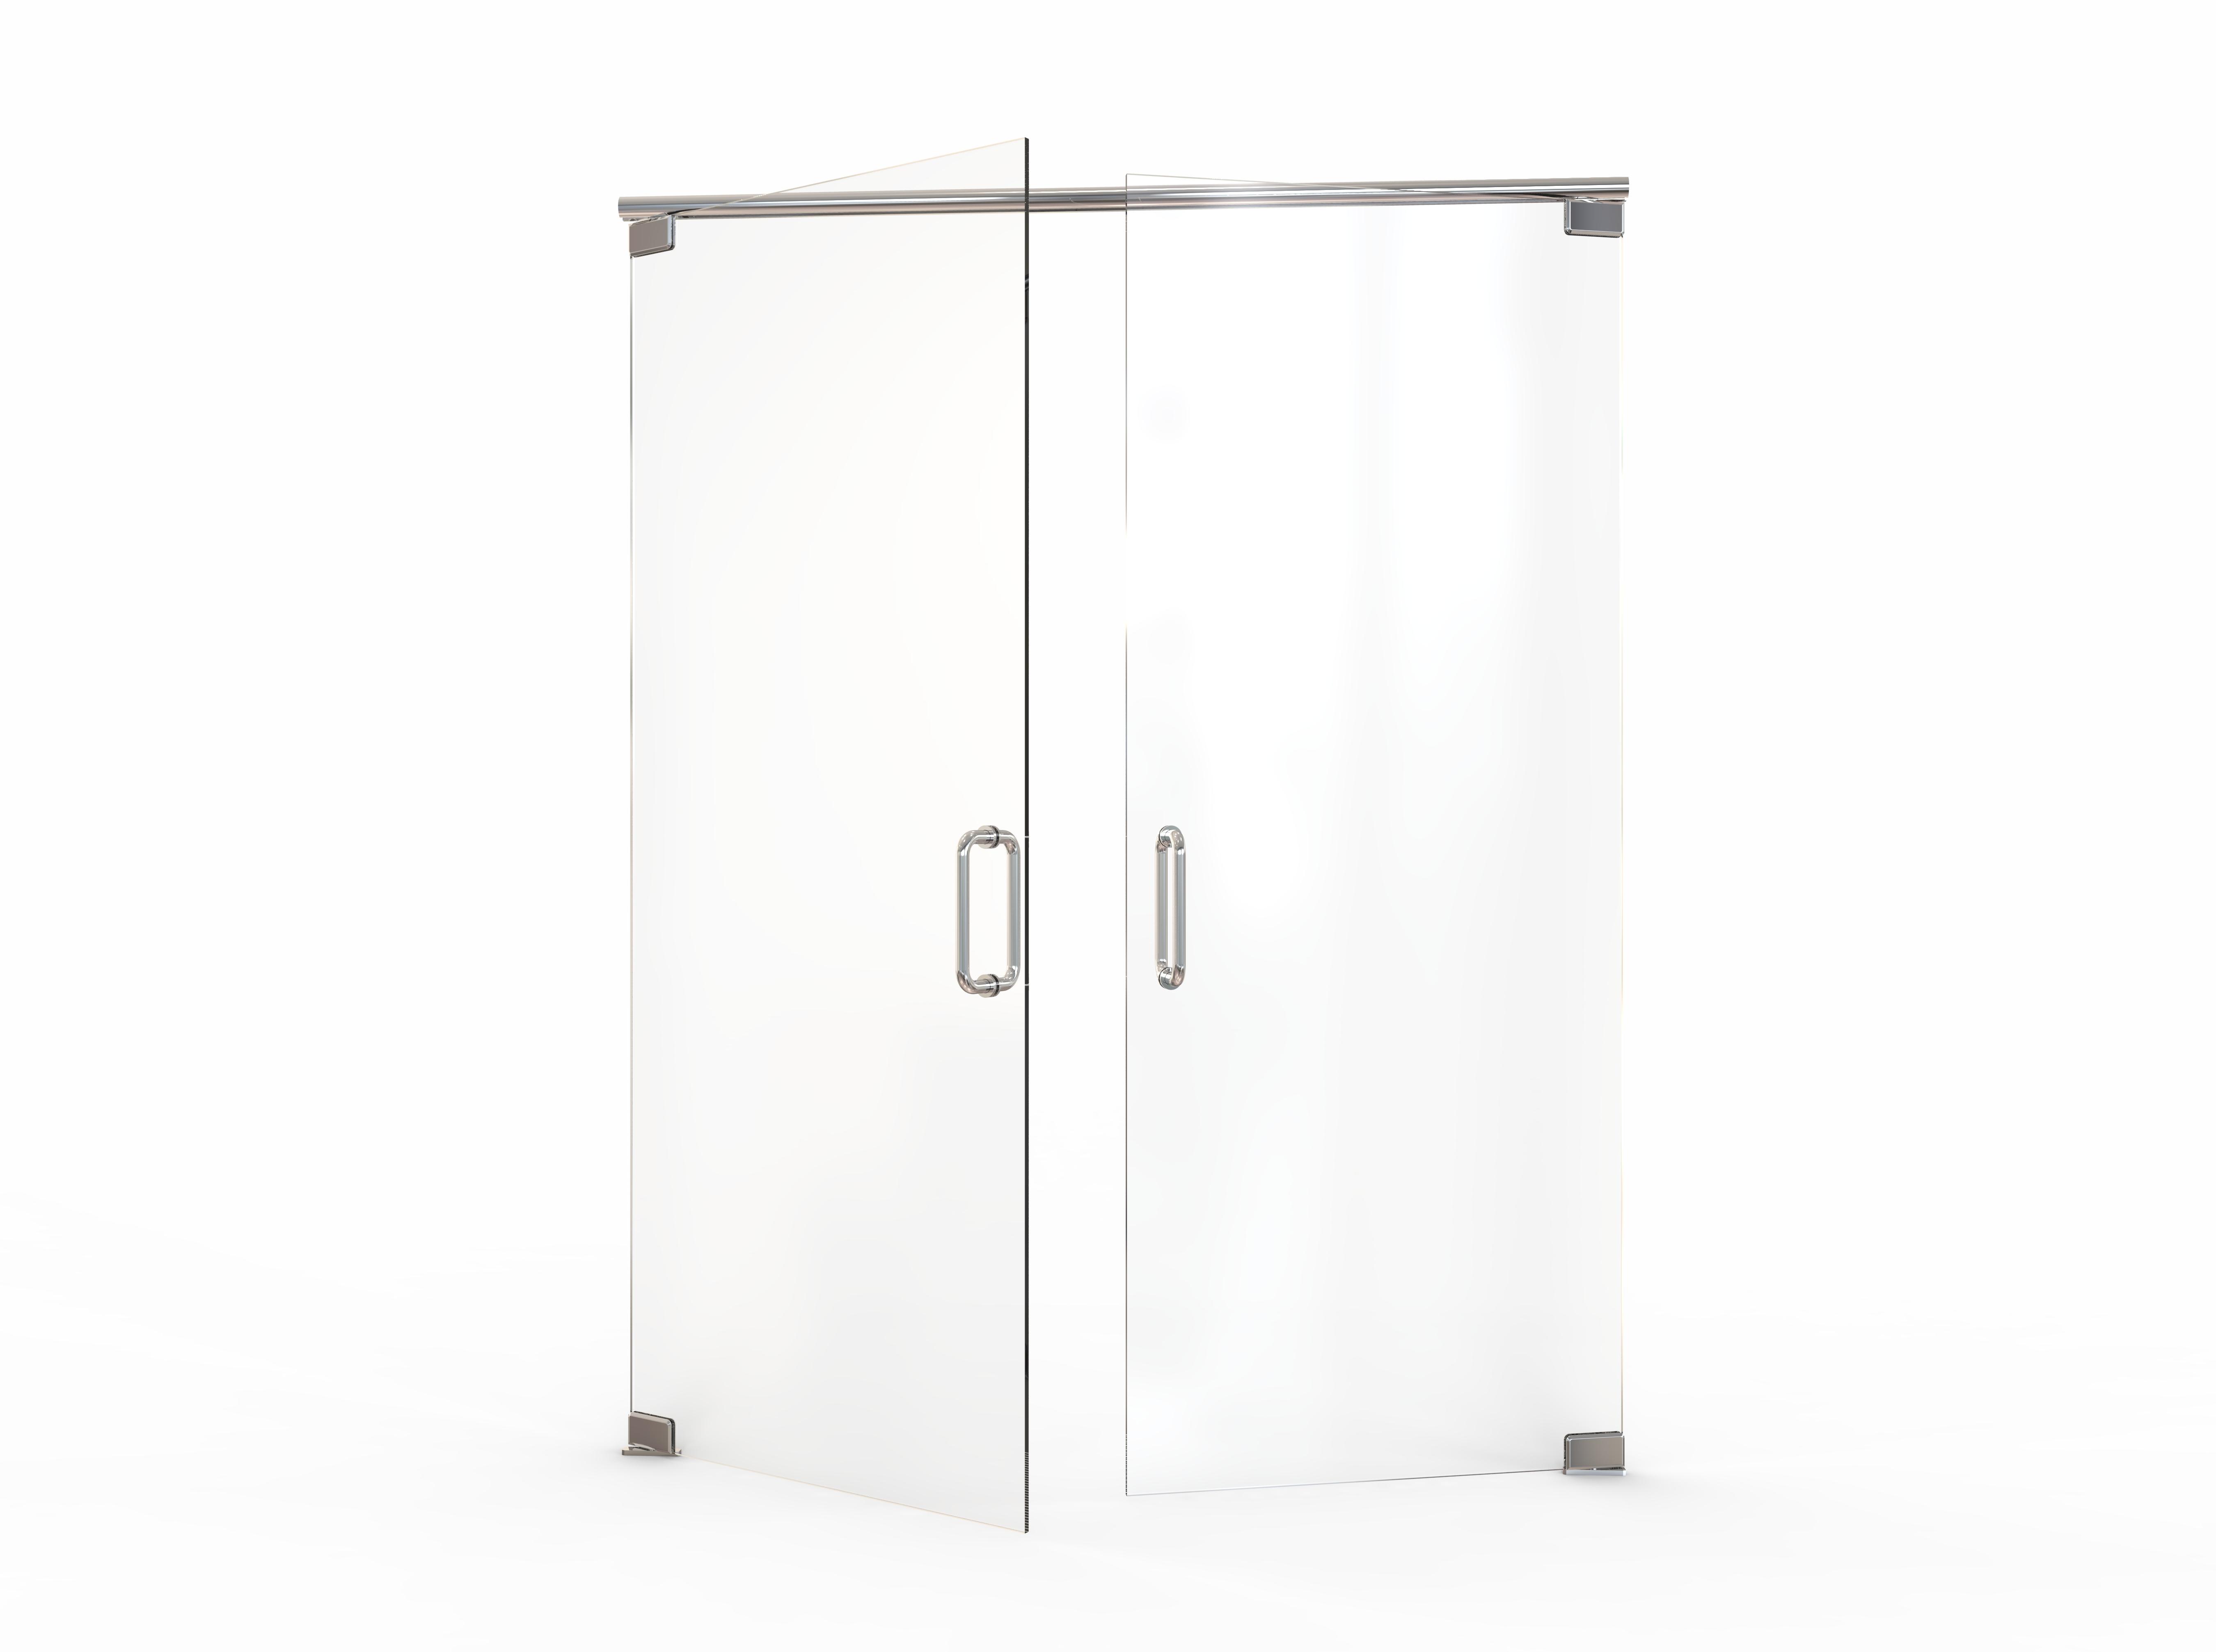 Celesta Frameless 38 Inch Glass French Swing Basco Shower Doors